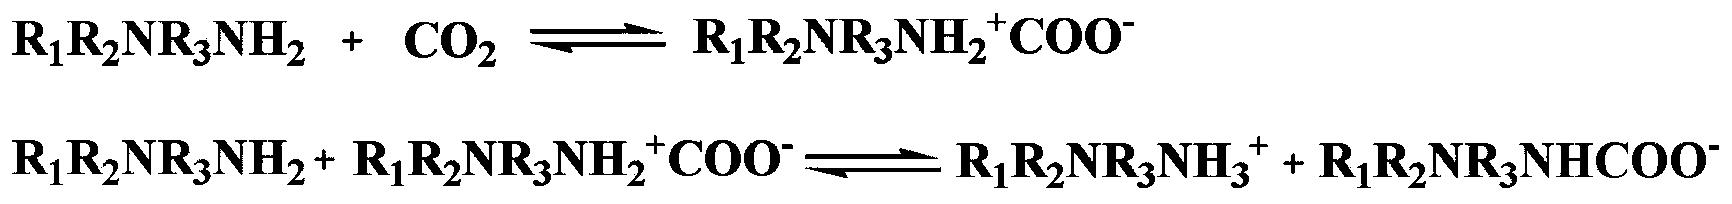 Figure PCTCN2019107412-appb-000008